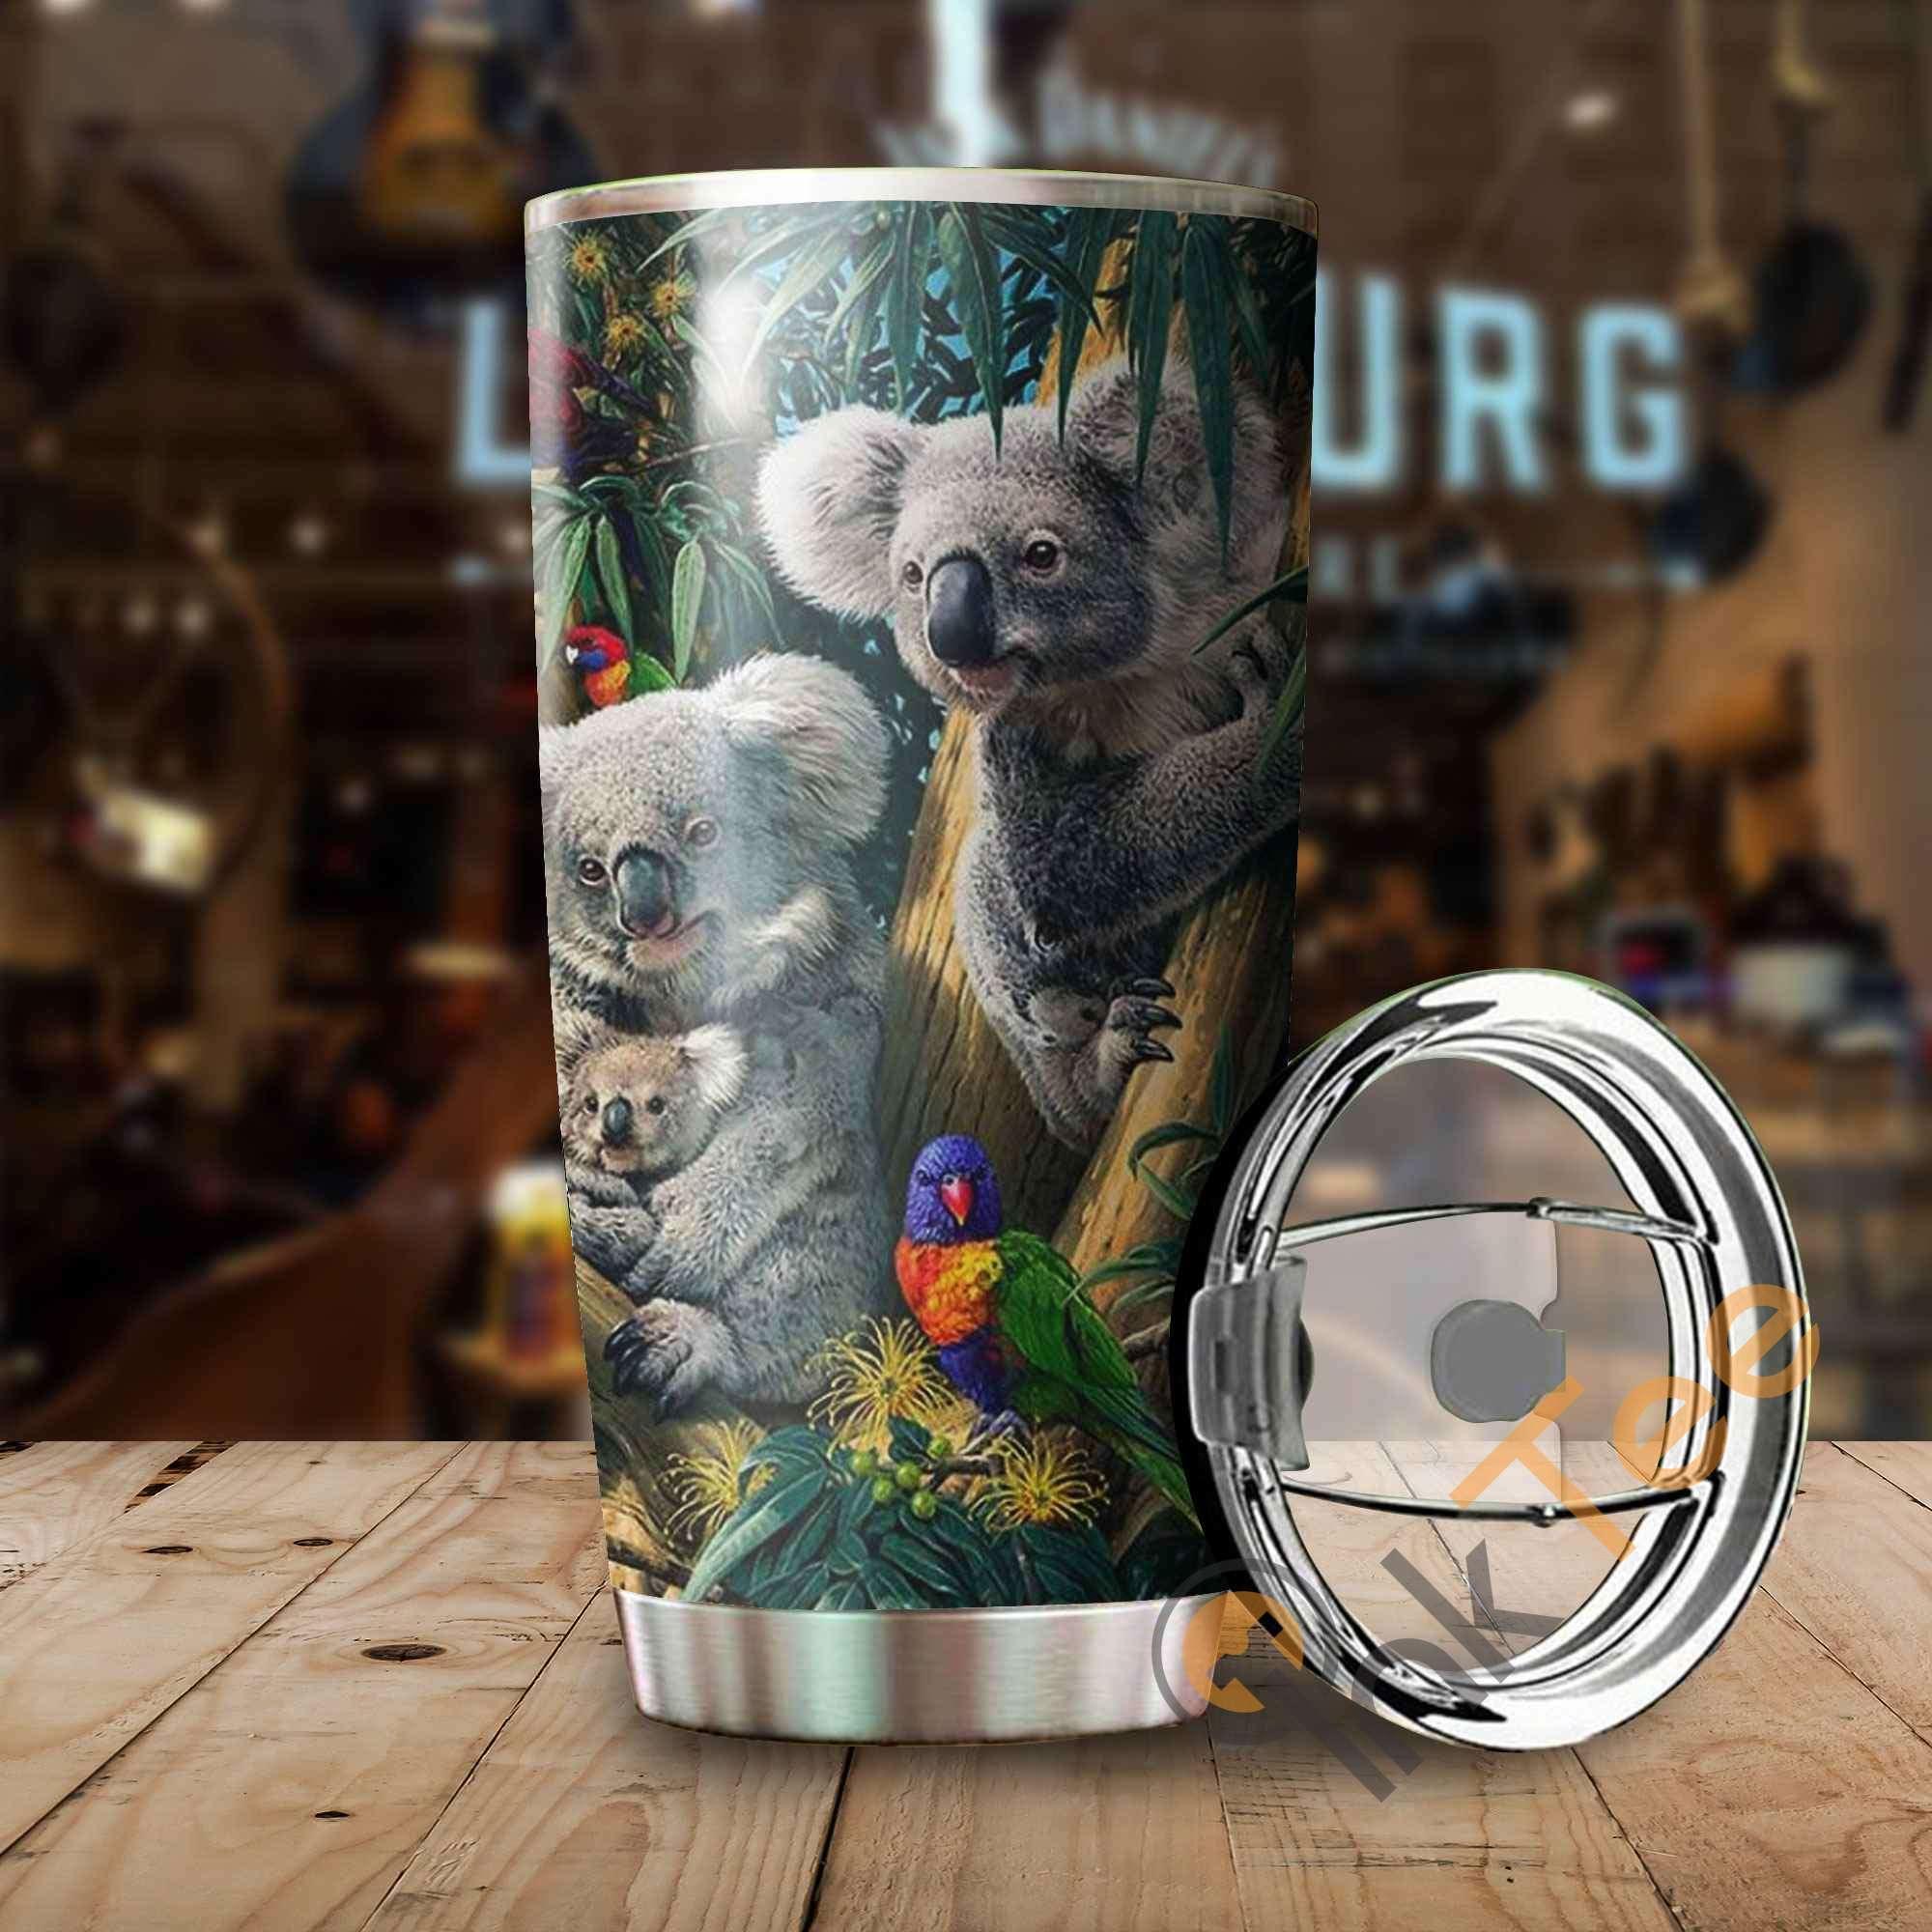 Beautiful Koala Amazon Best Seller Sku 3327 Stainless Steel Tumbler